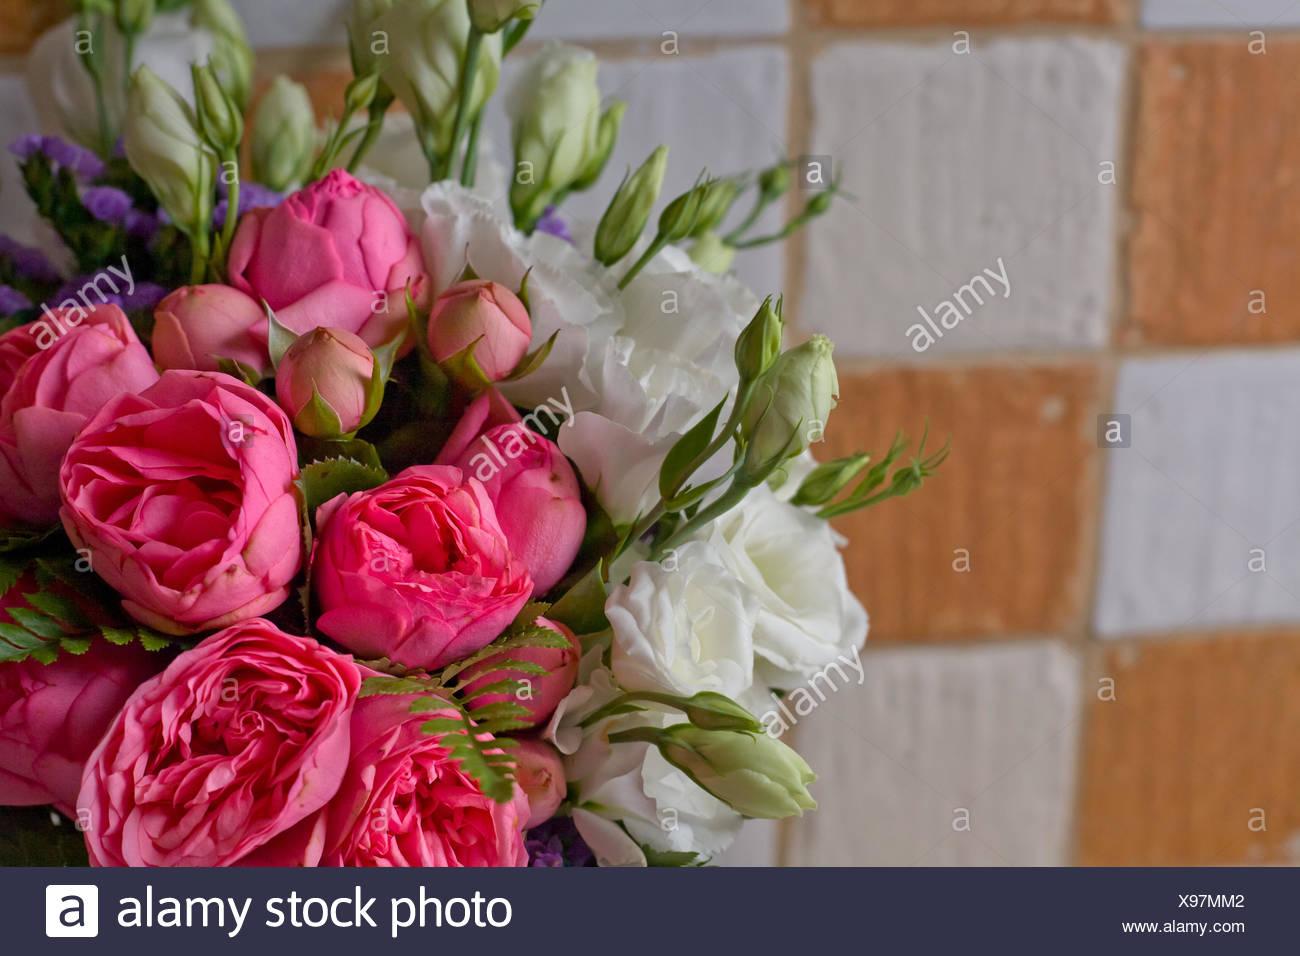 Bouquet nozze con rosa e rose bianche su rustico piastrella a